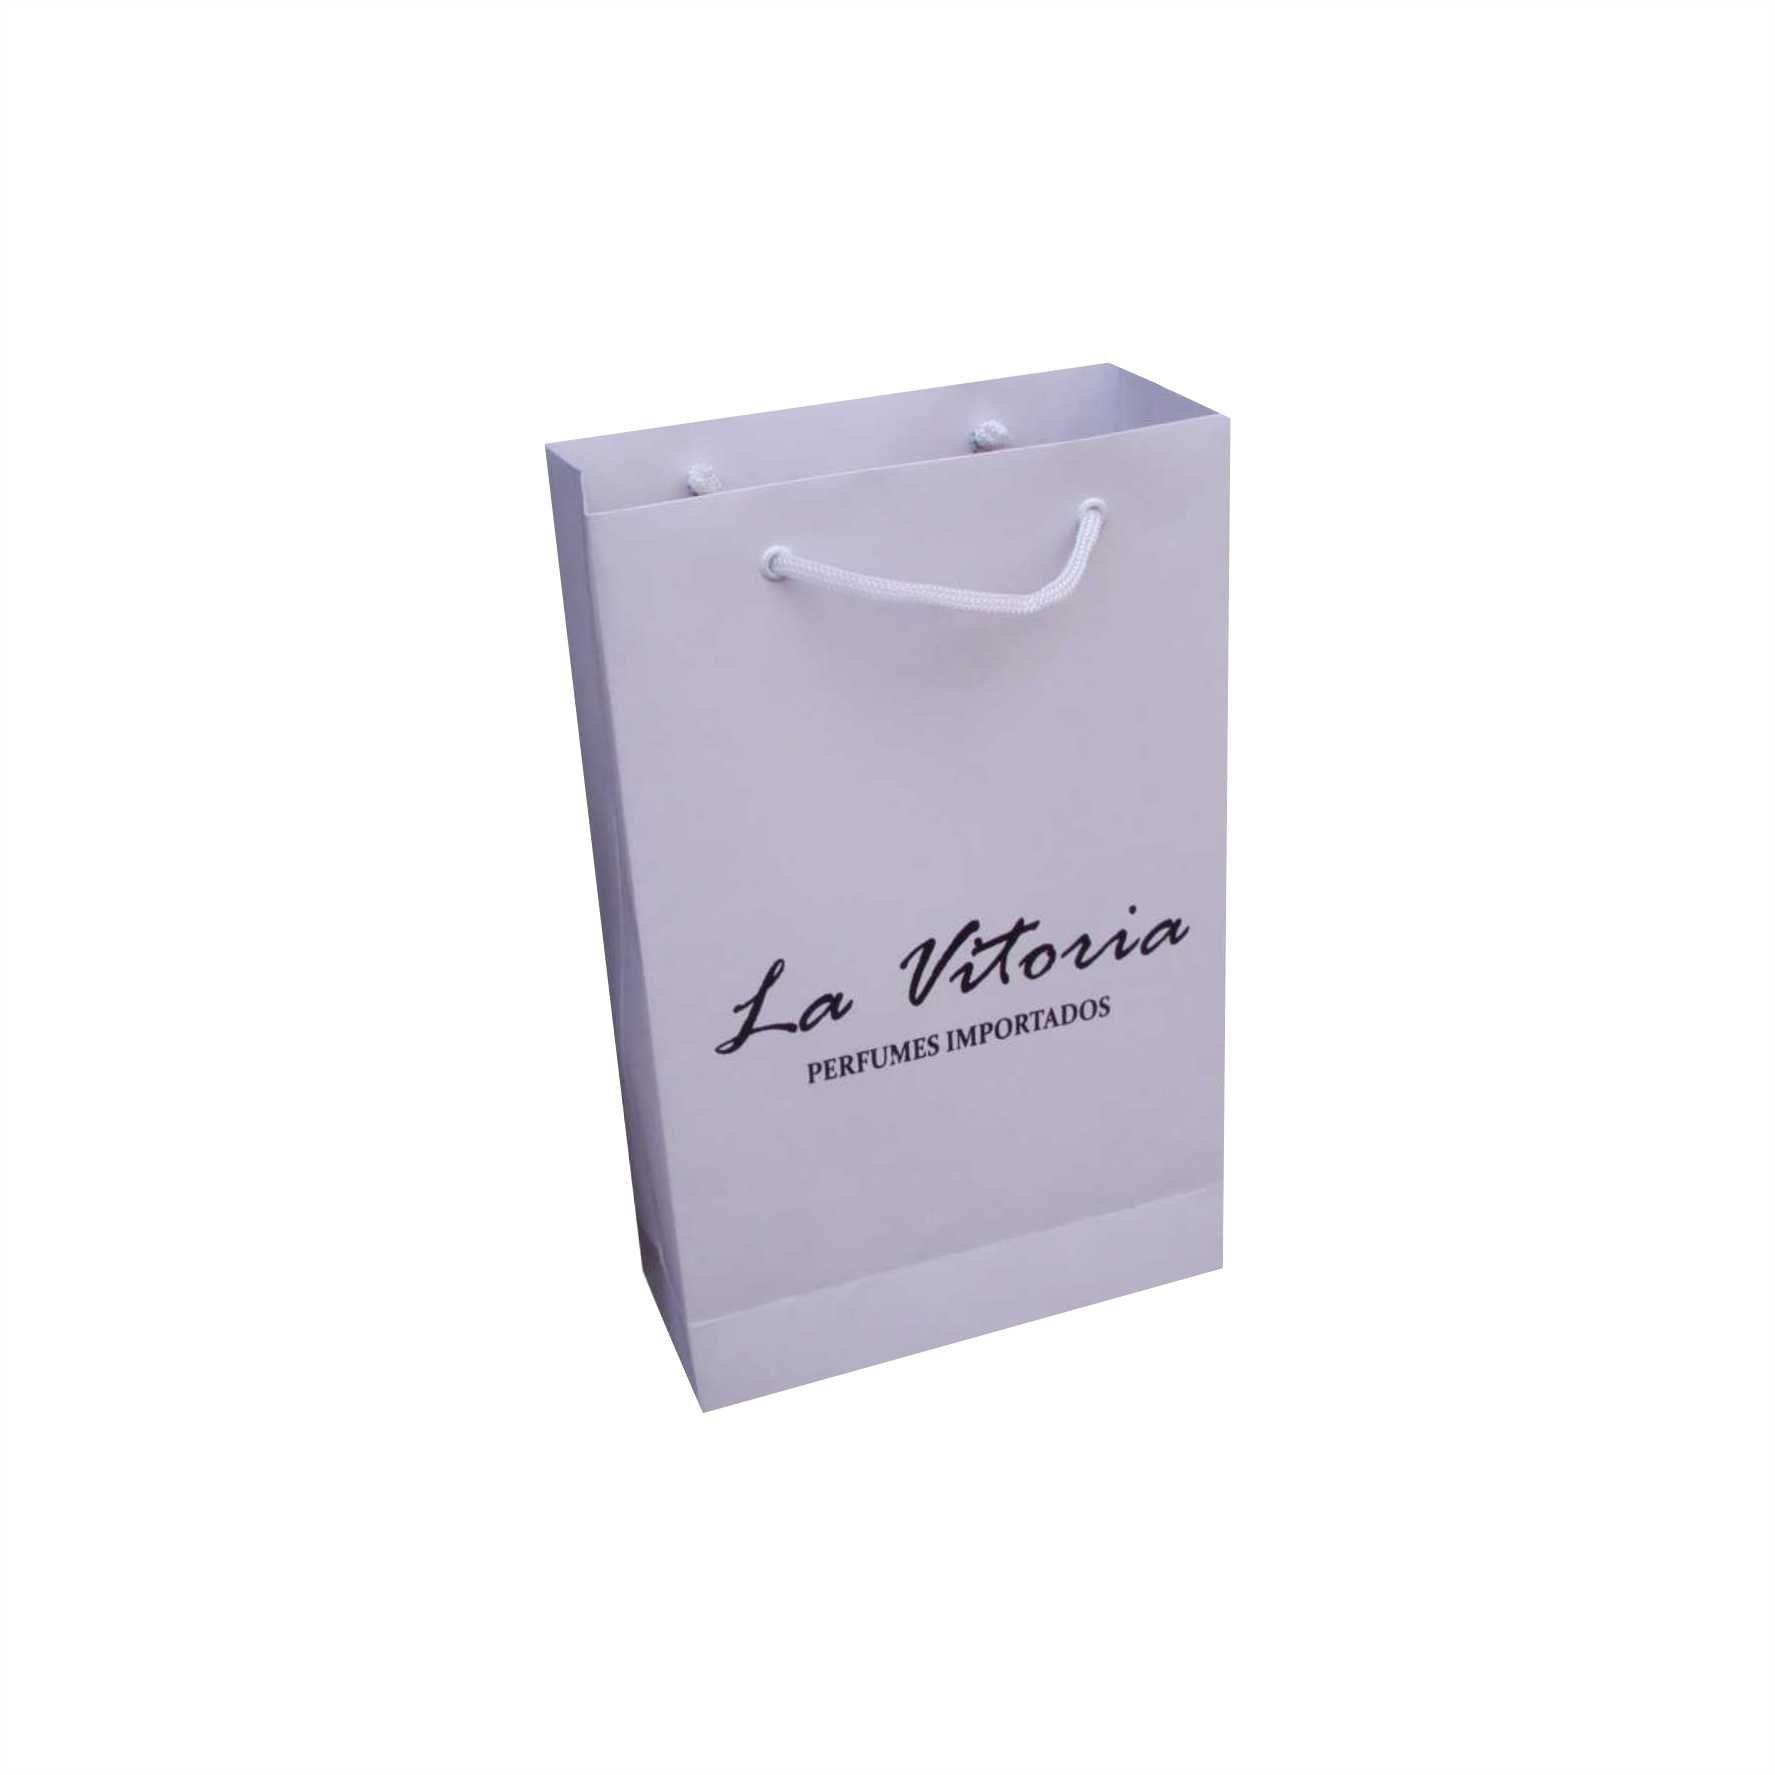 Sacola de papel kraft cor branca - pequena (15x24x7) 100 unidades